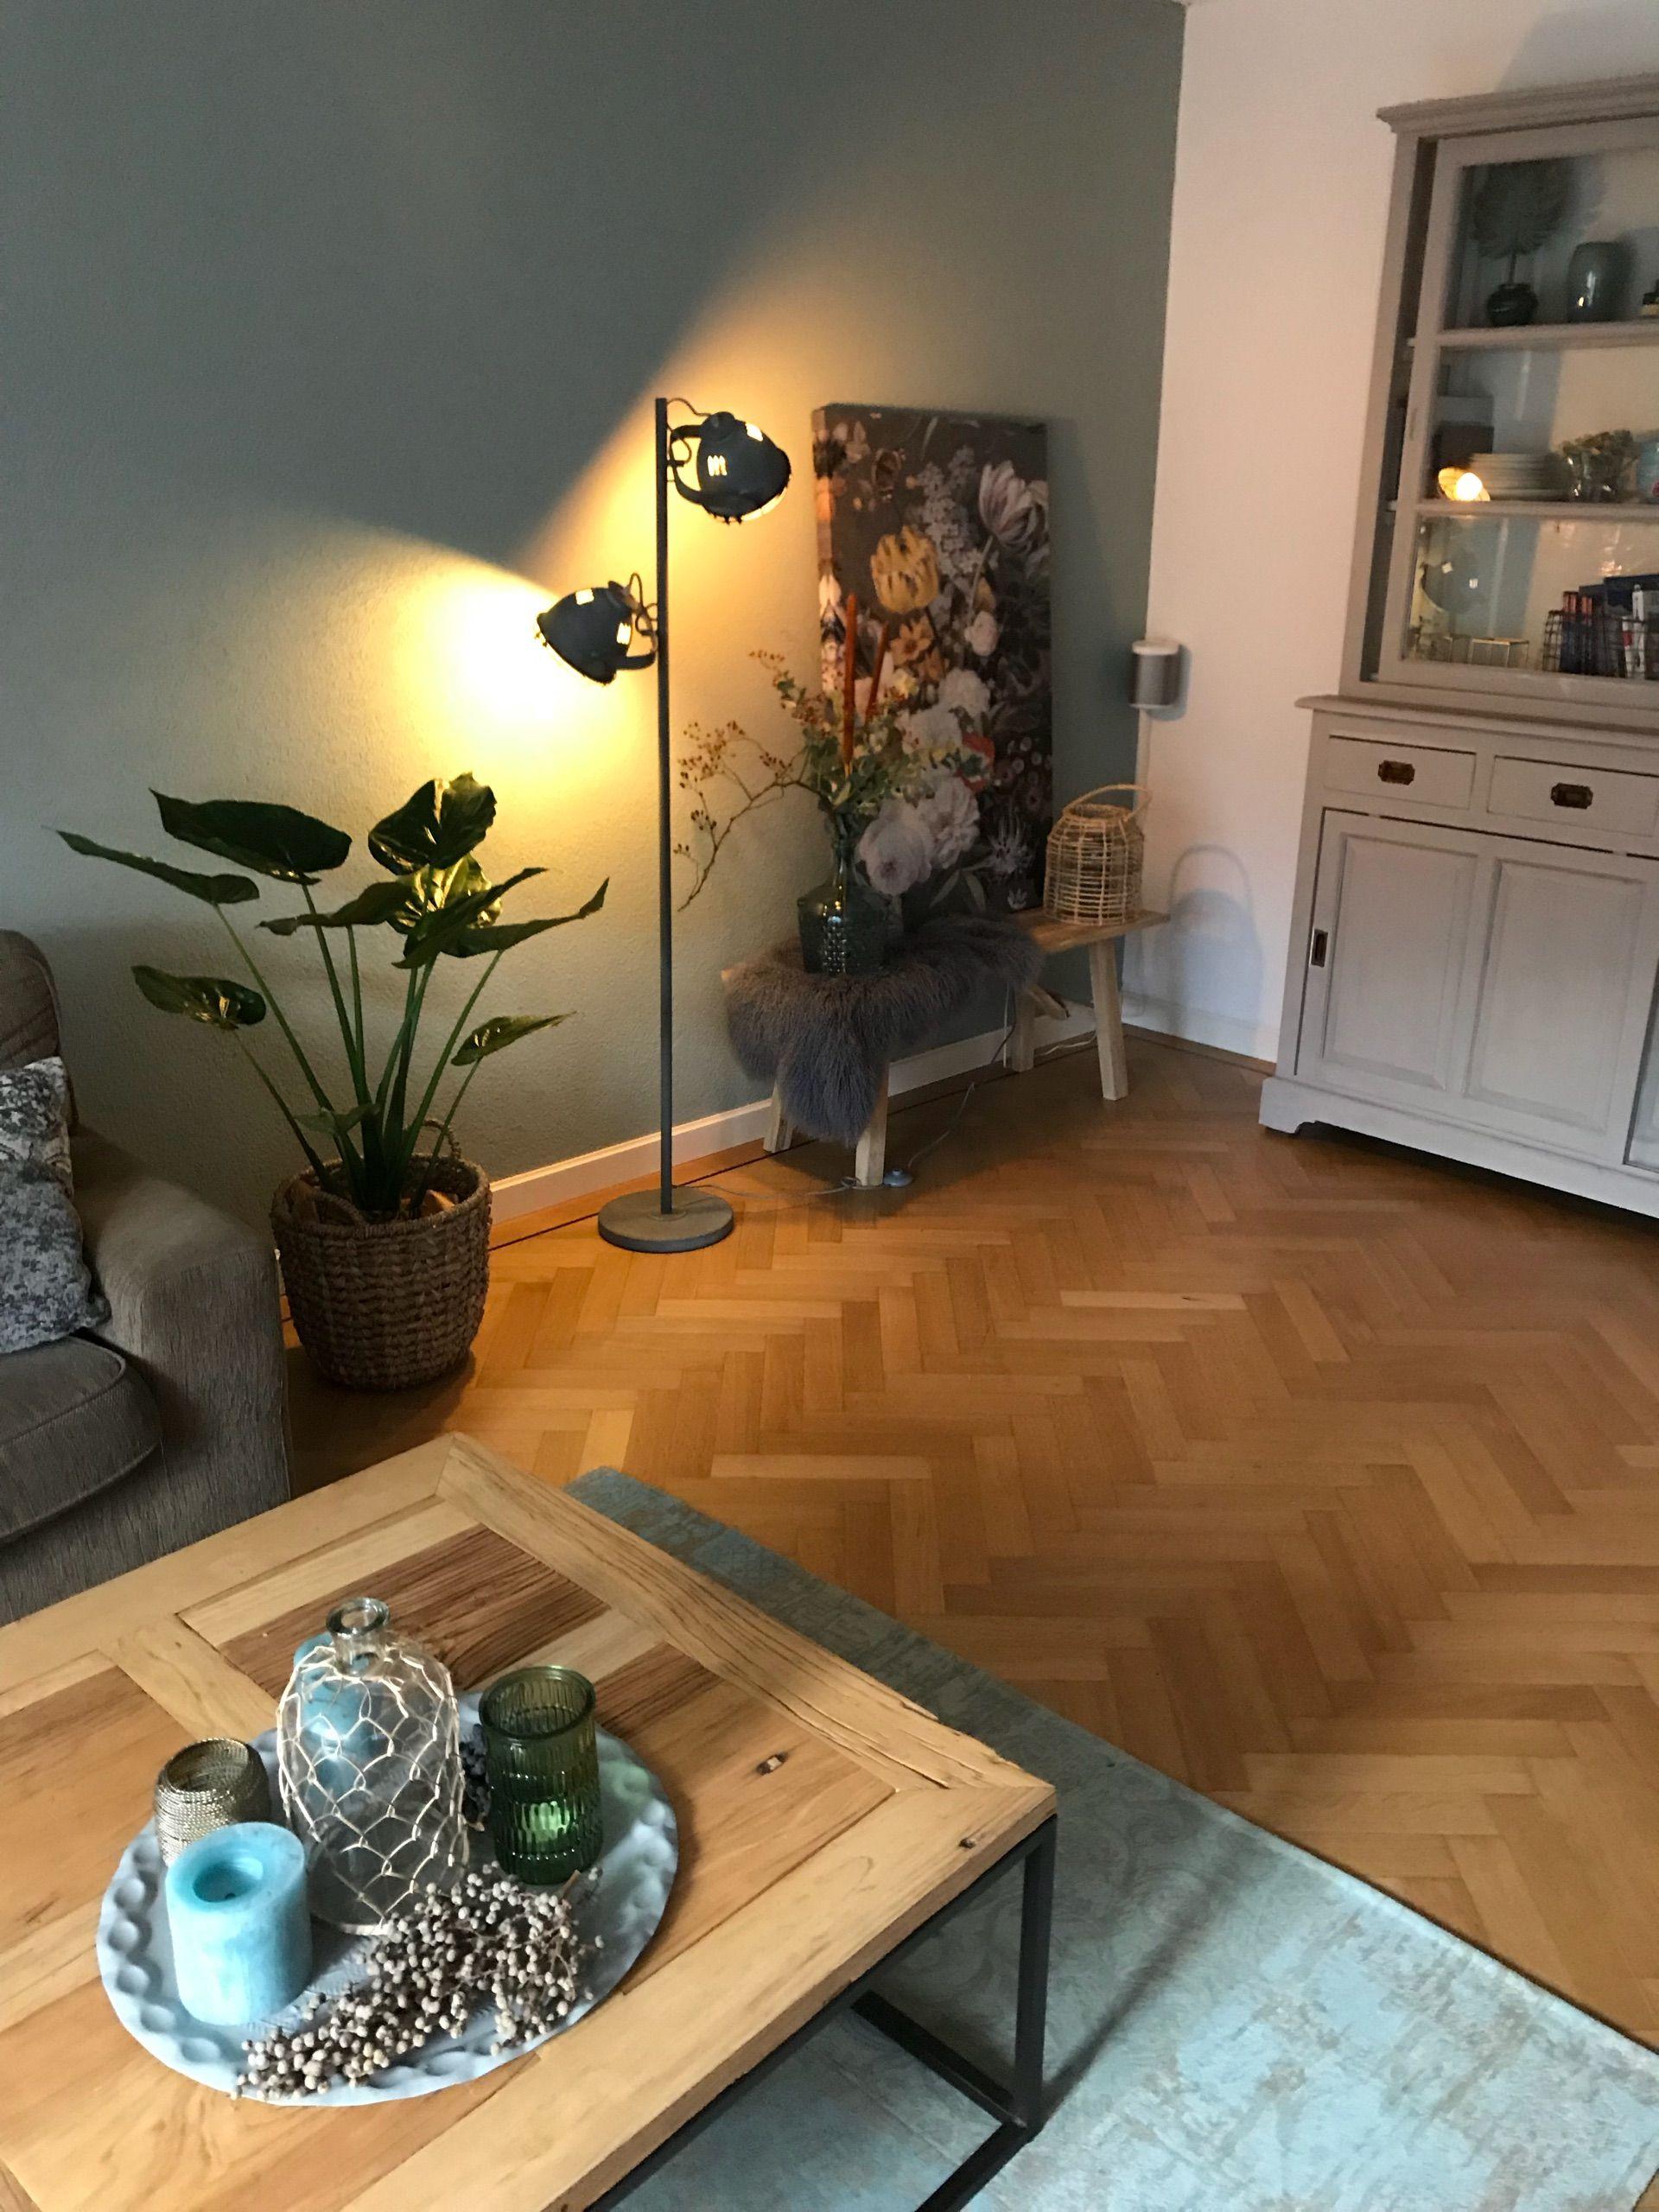 Binnenkijken bij duco also woonkamer pinterest living rooms rh za